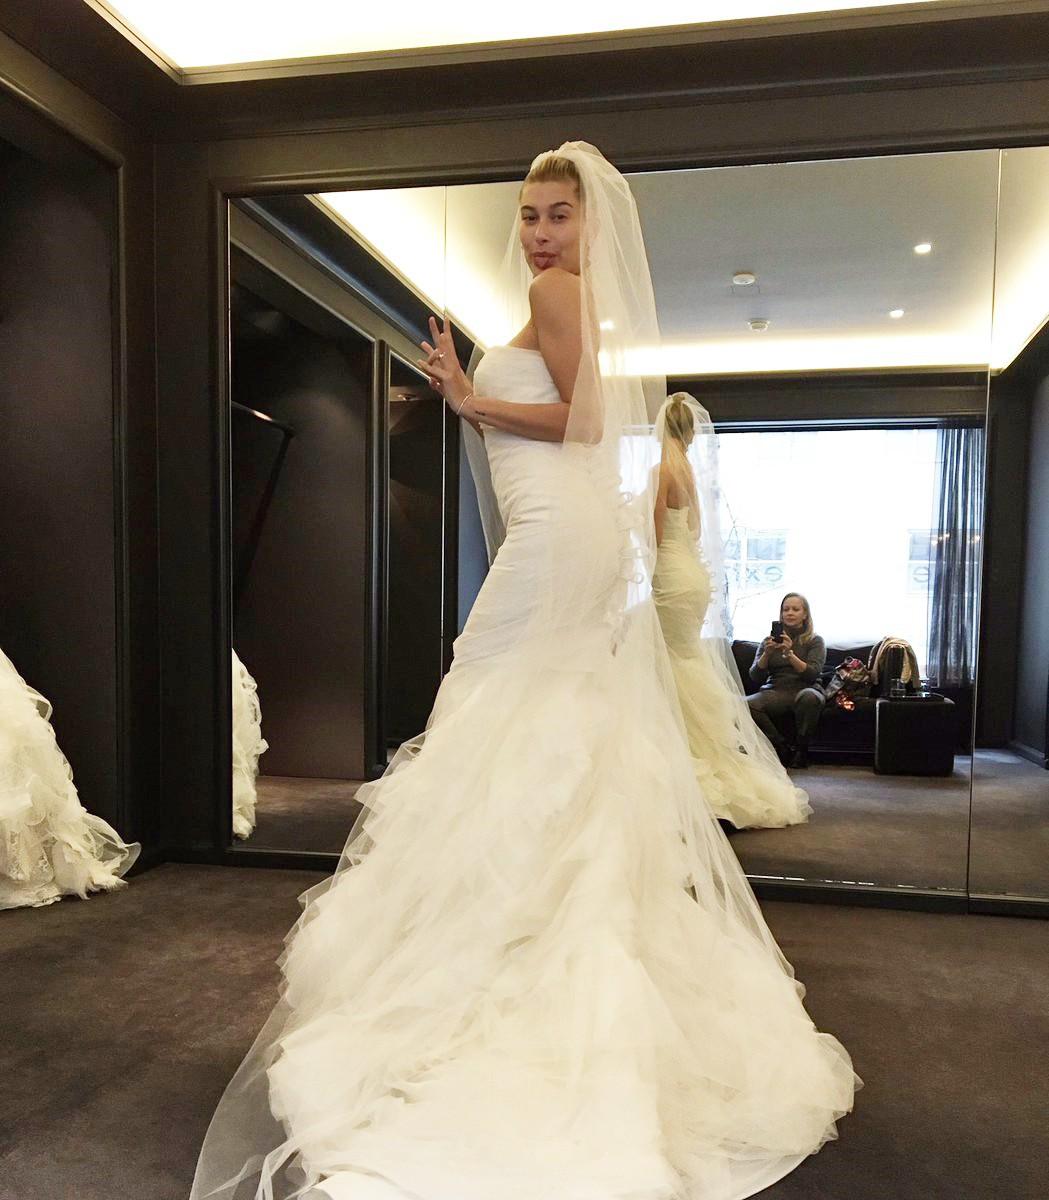 Xôn xao hình ảnh Hailey Baldwin đi thử váy cưới để chuẩn bị làm cô dâu xinh đẹp của Justin Bieber - Ảnh 1.